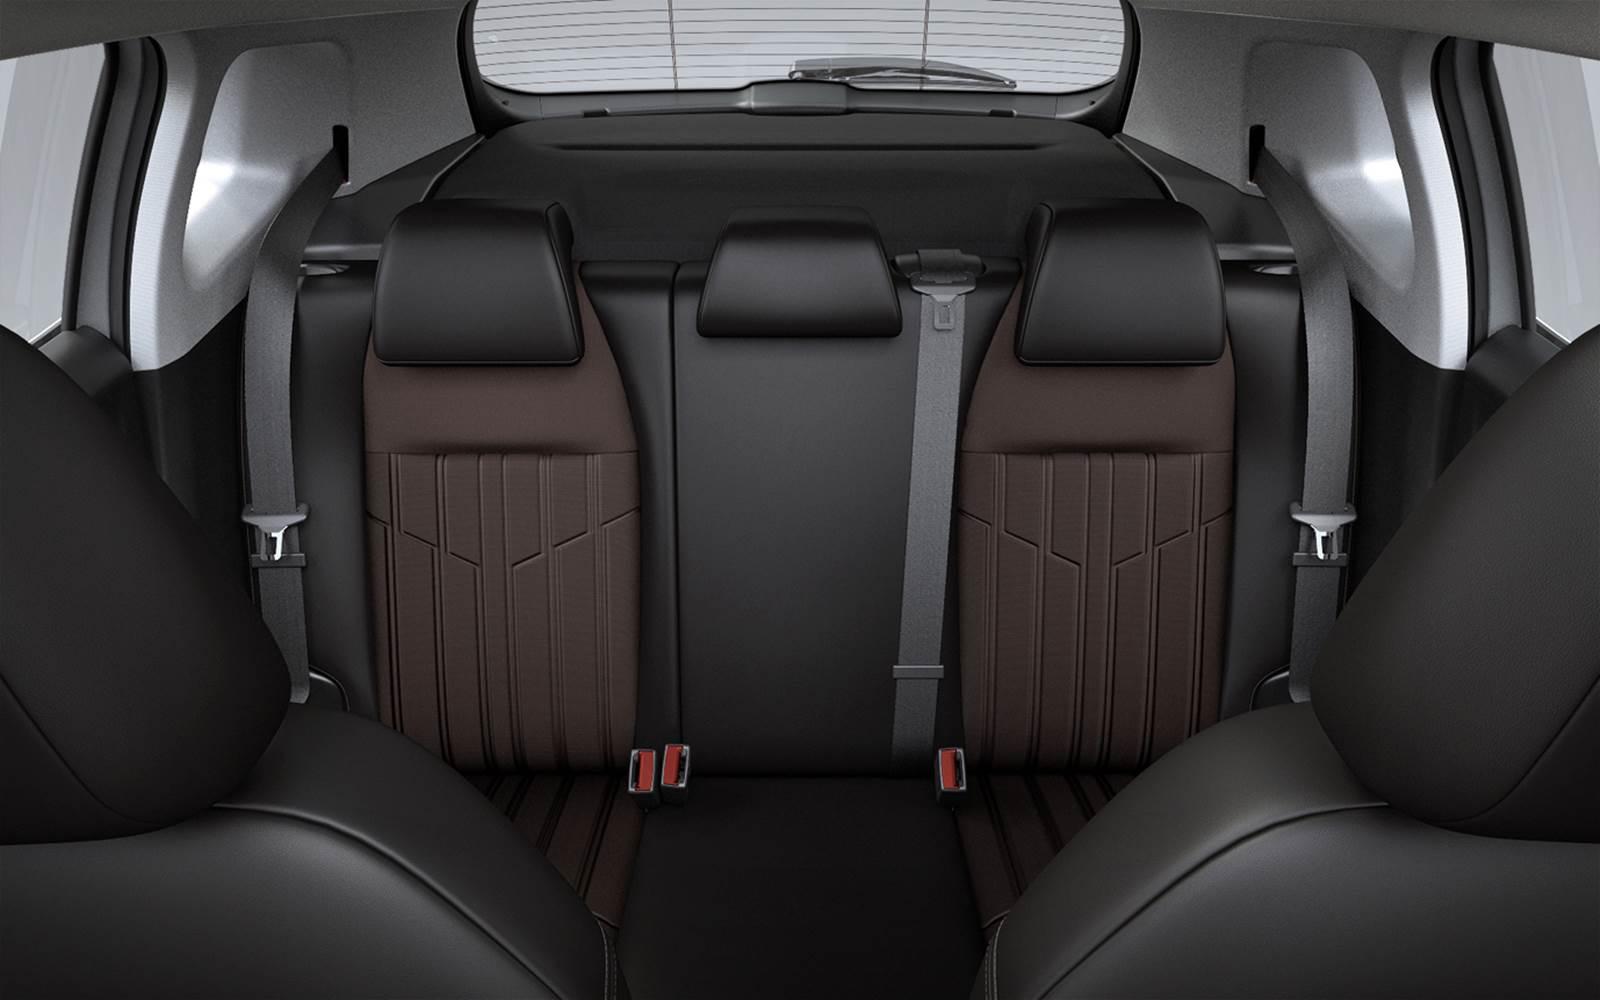 Novo Peugeot 2008 Griffe 1.6 Automático - interior - espaço traseiro